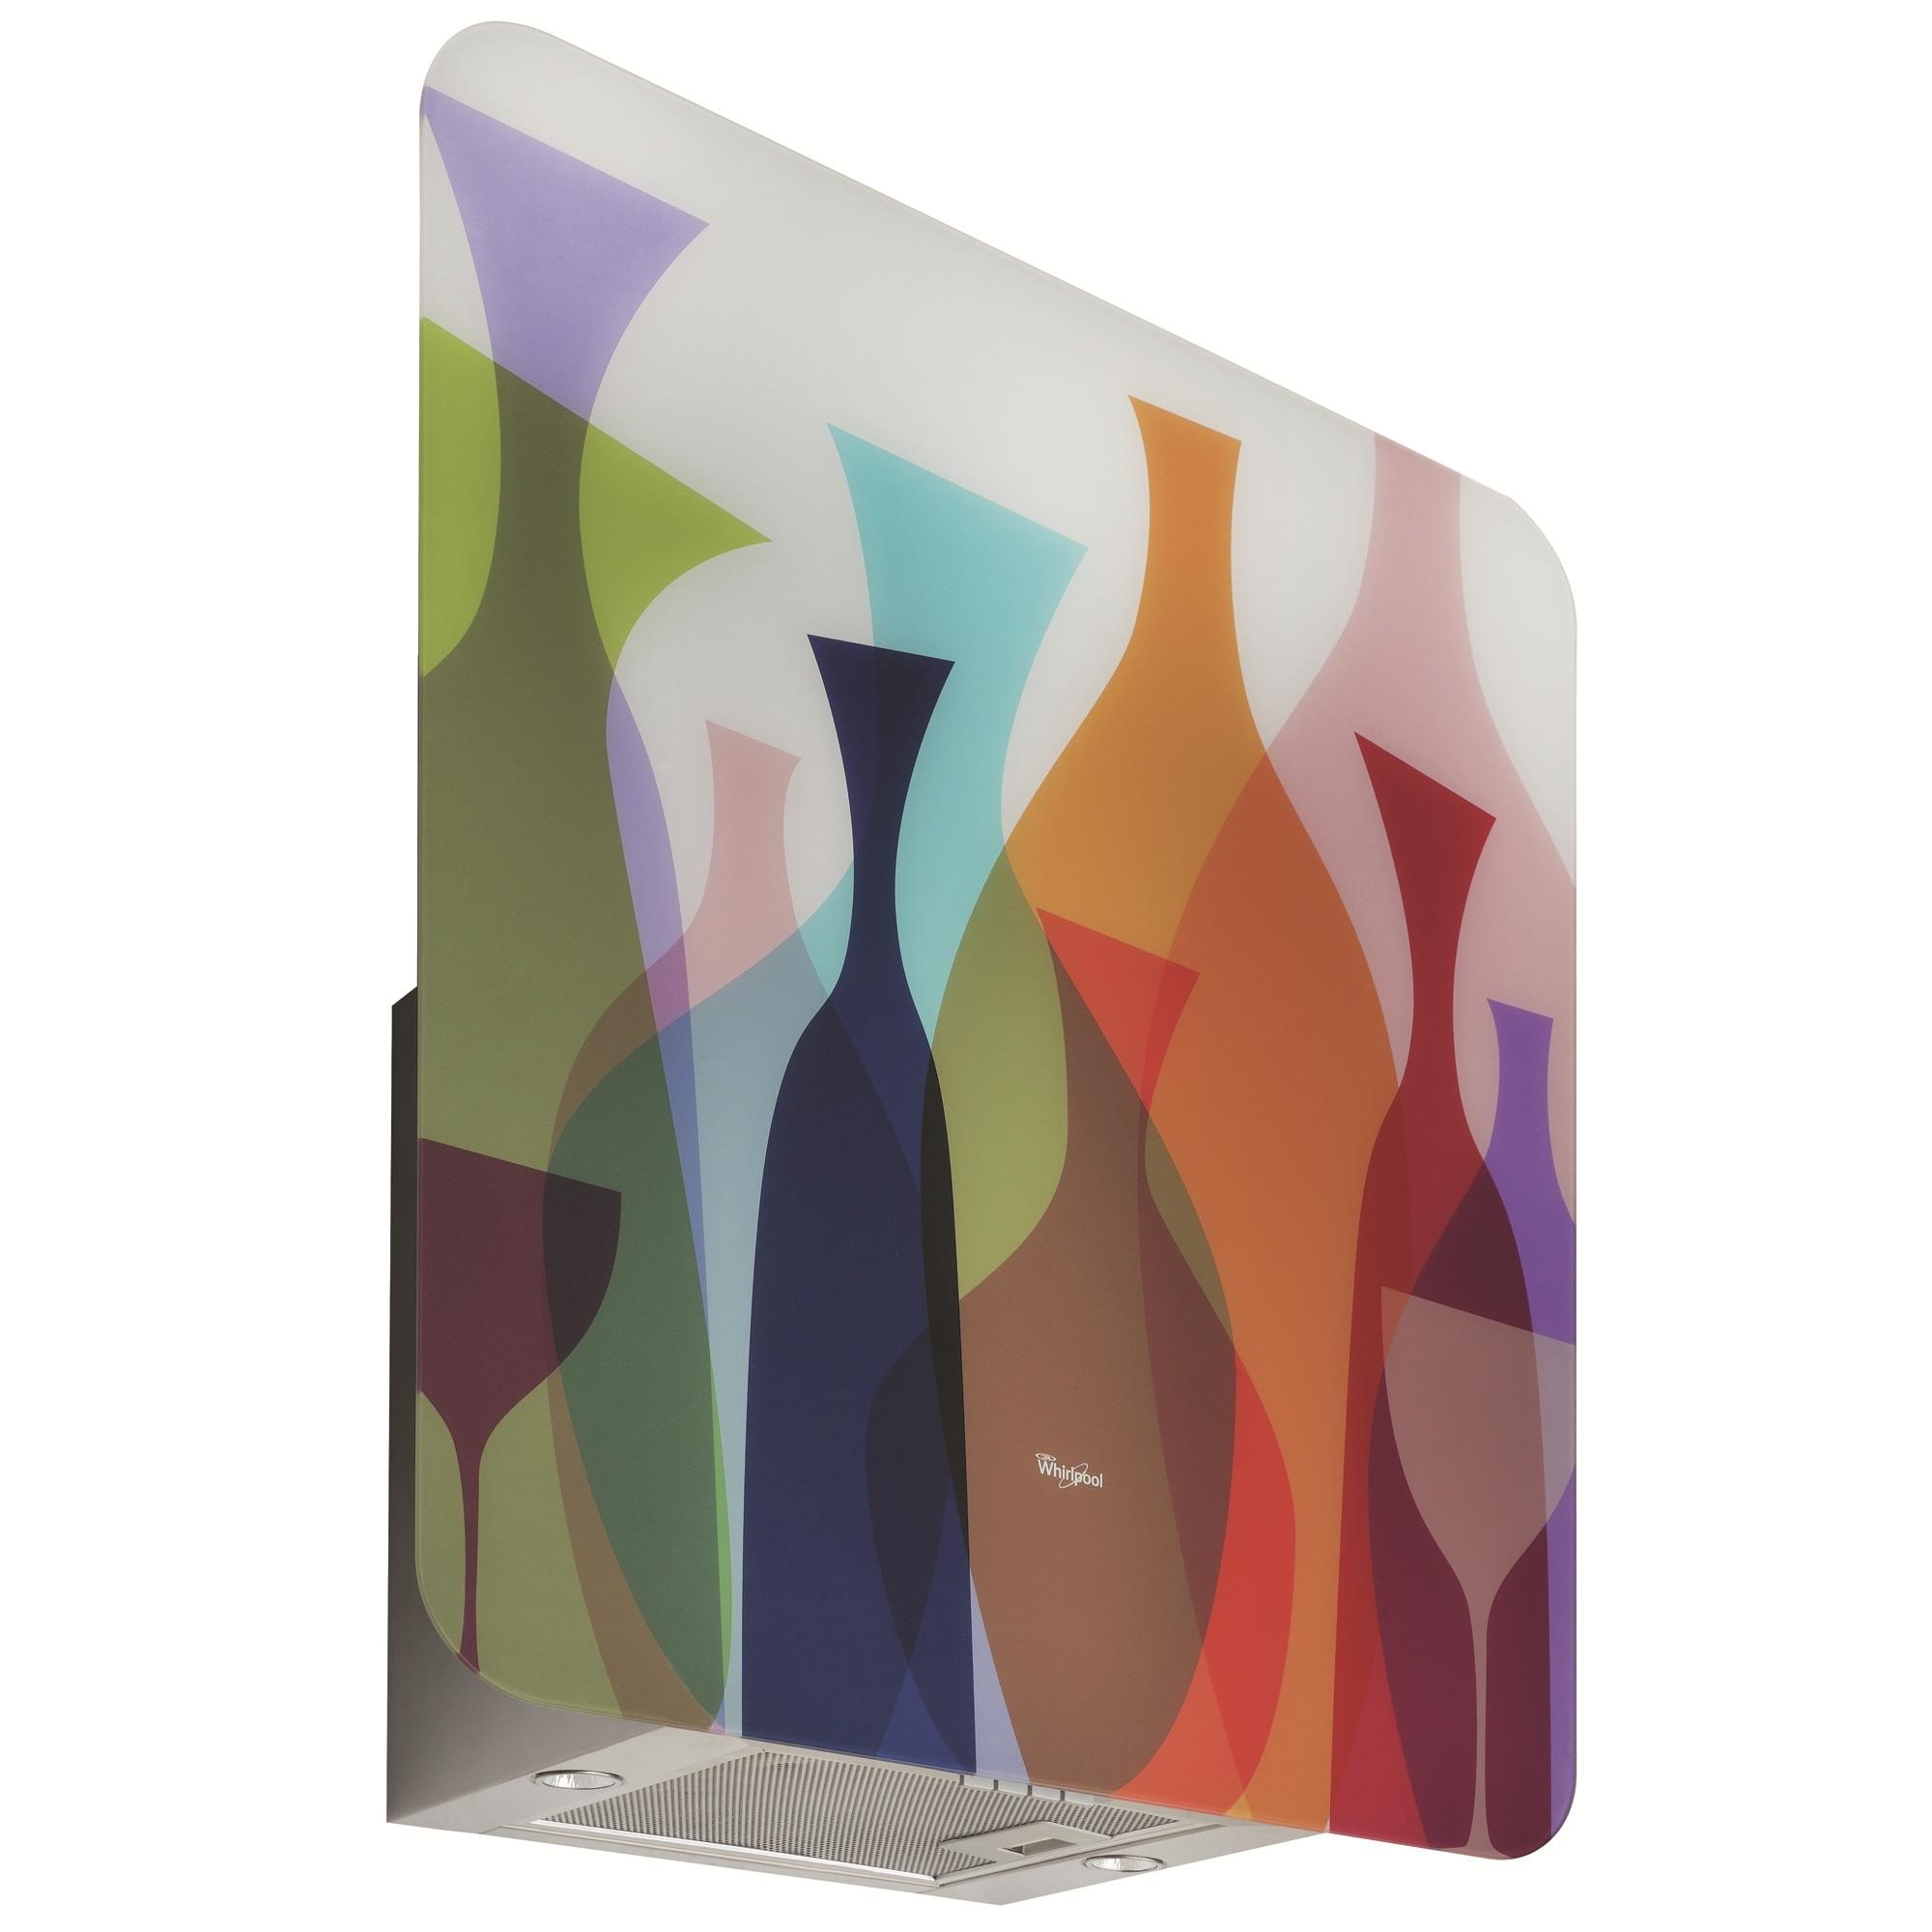 Fotografie Panou decorativ Cocktail pentru hota Whirlpool Art Galleery